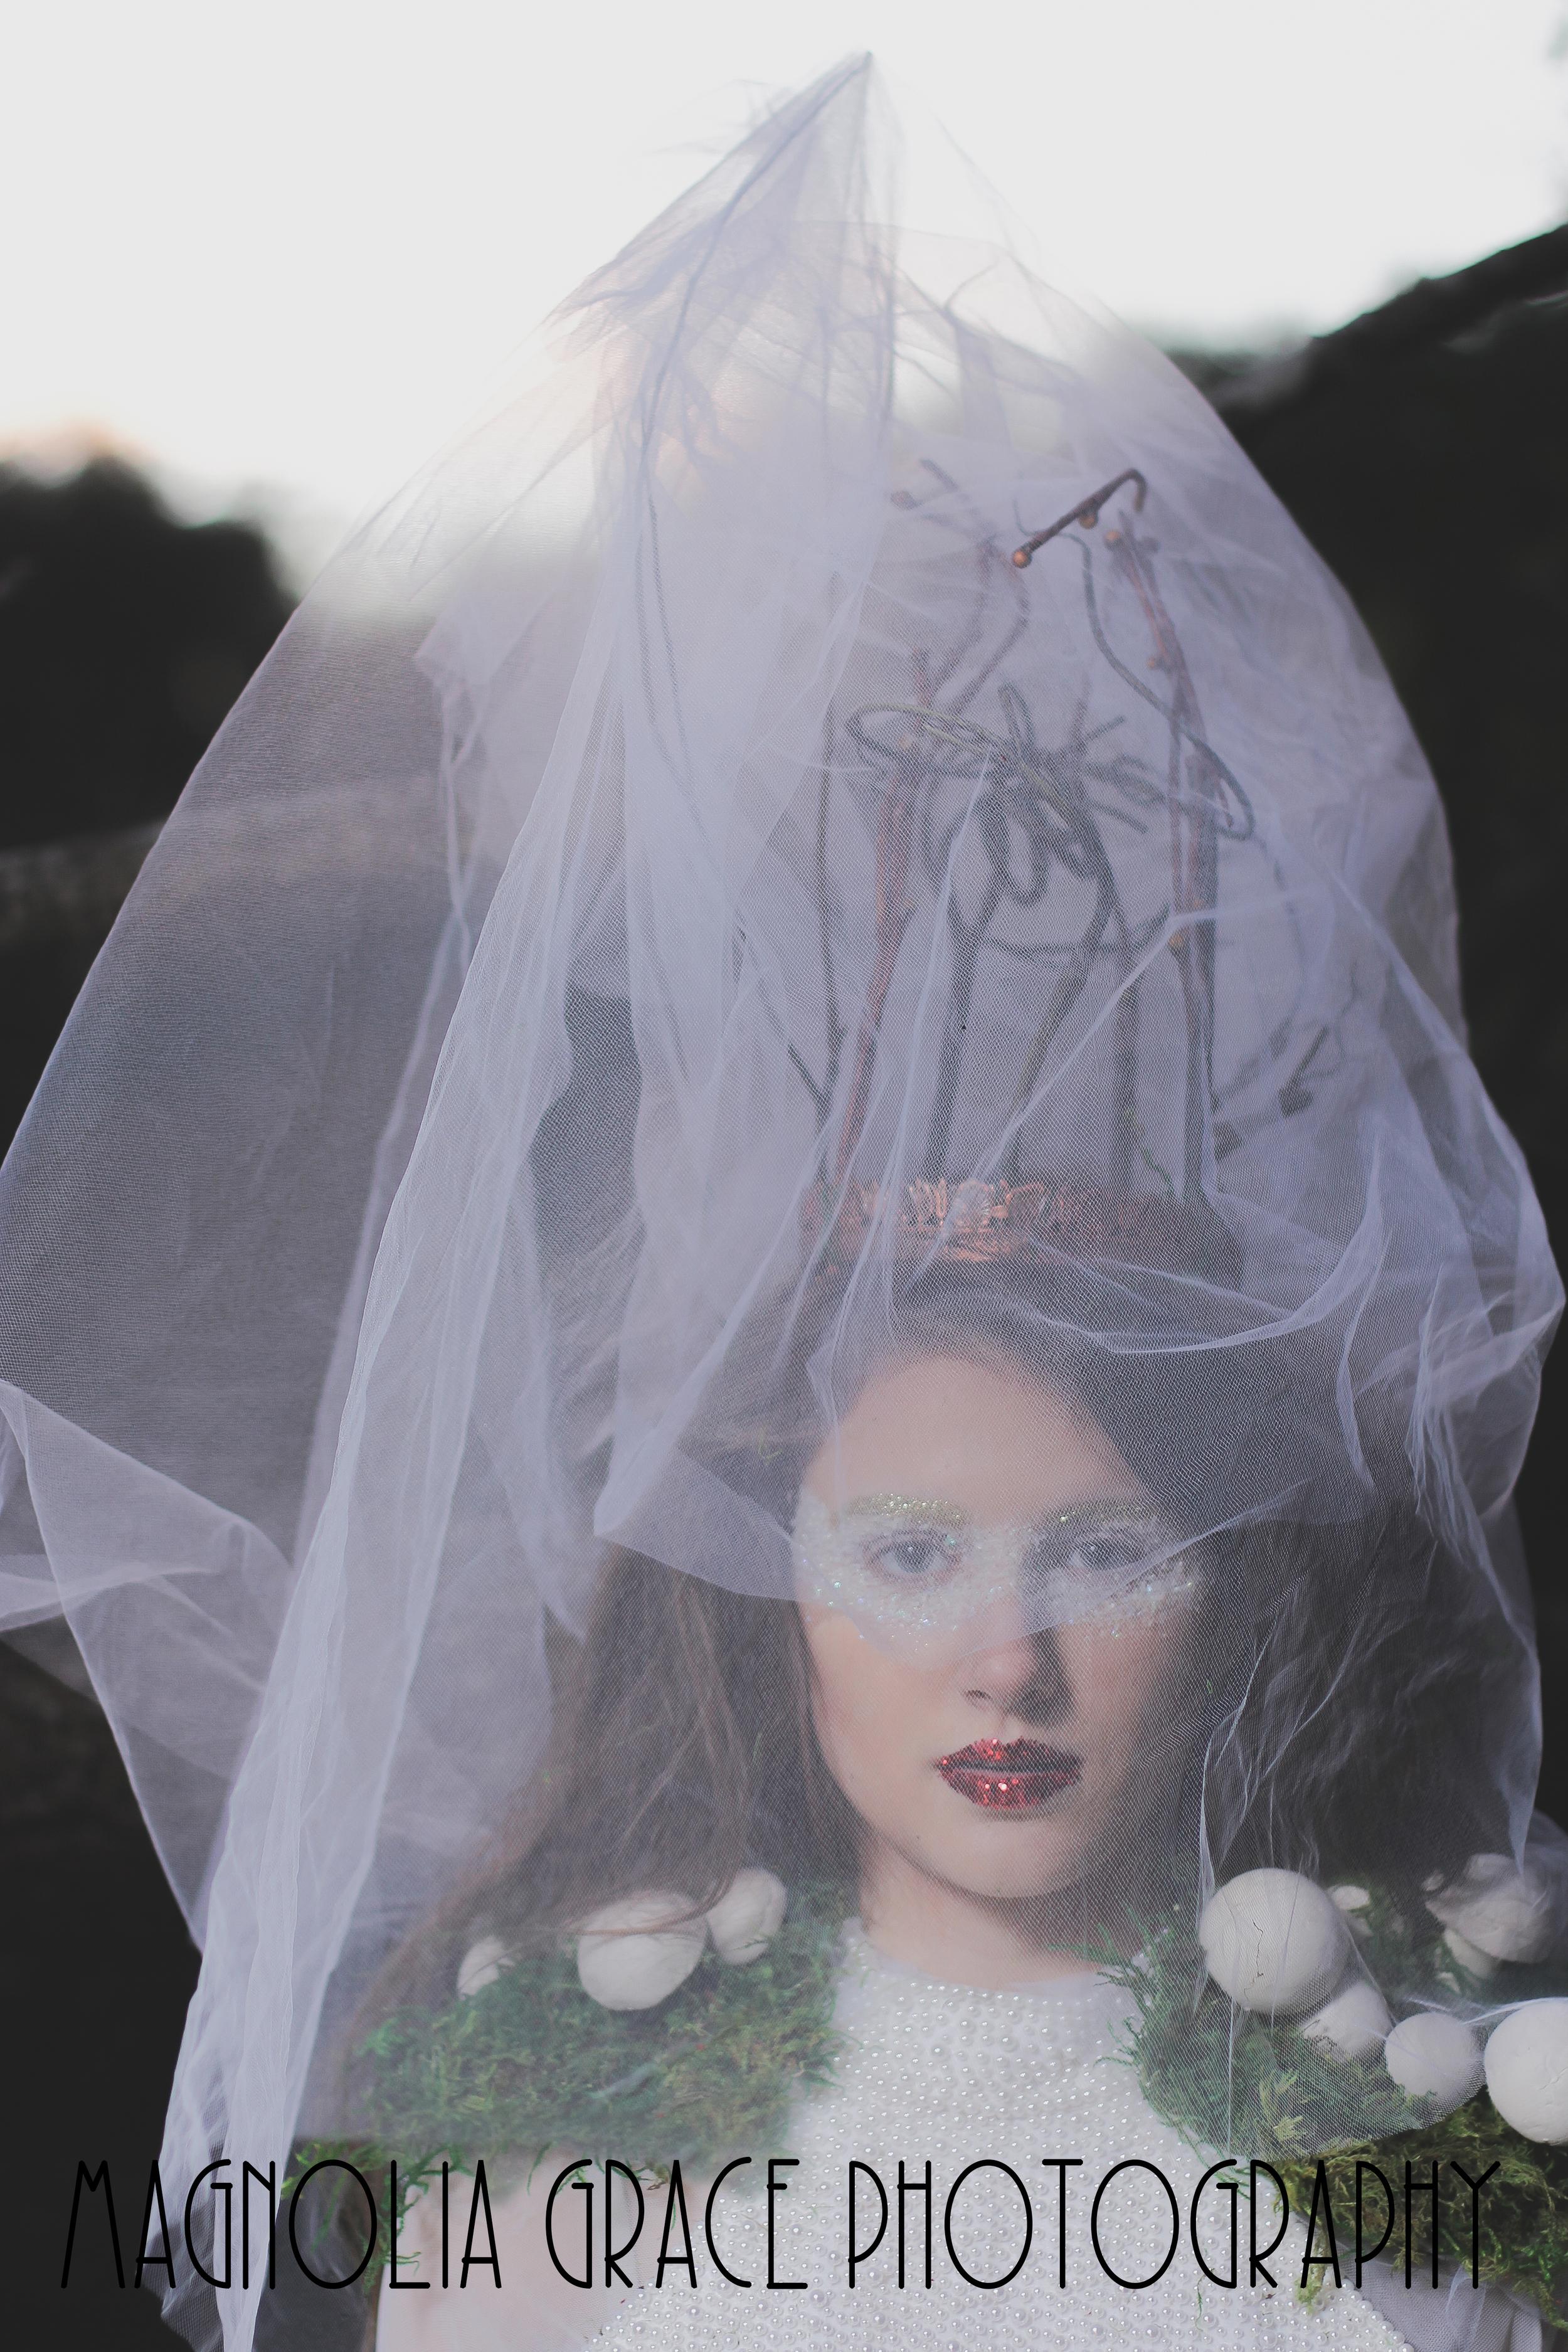 November Obsessions | Magnolia Grace Photography Blog! | Shreveport Boudoir & Beauty